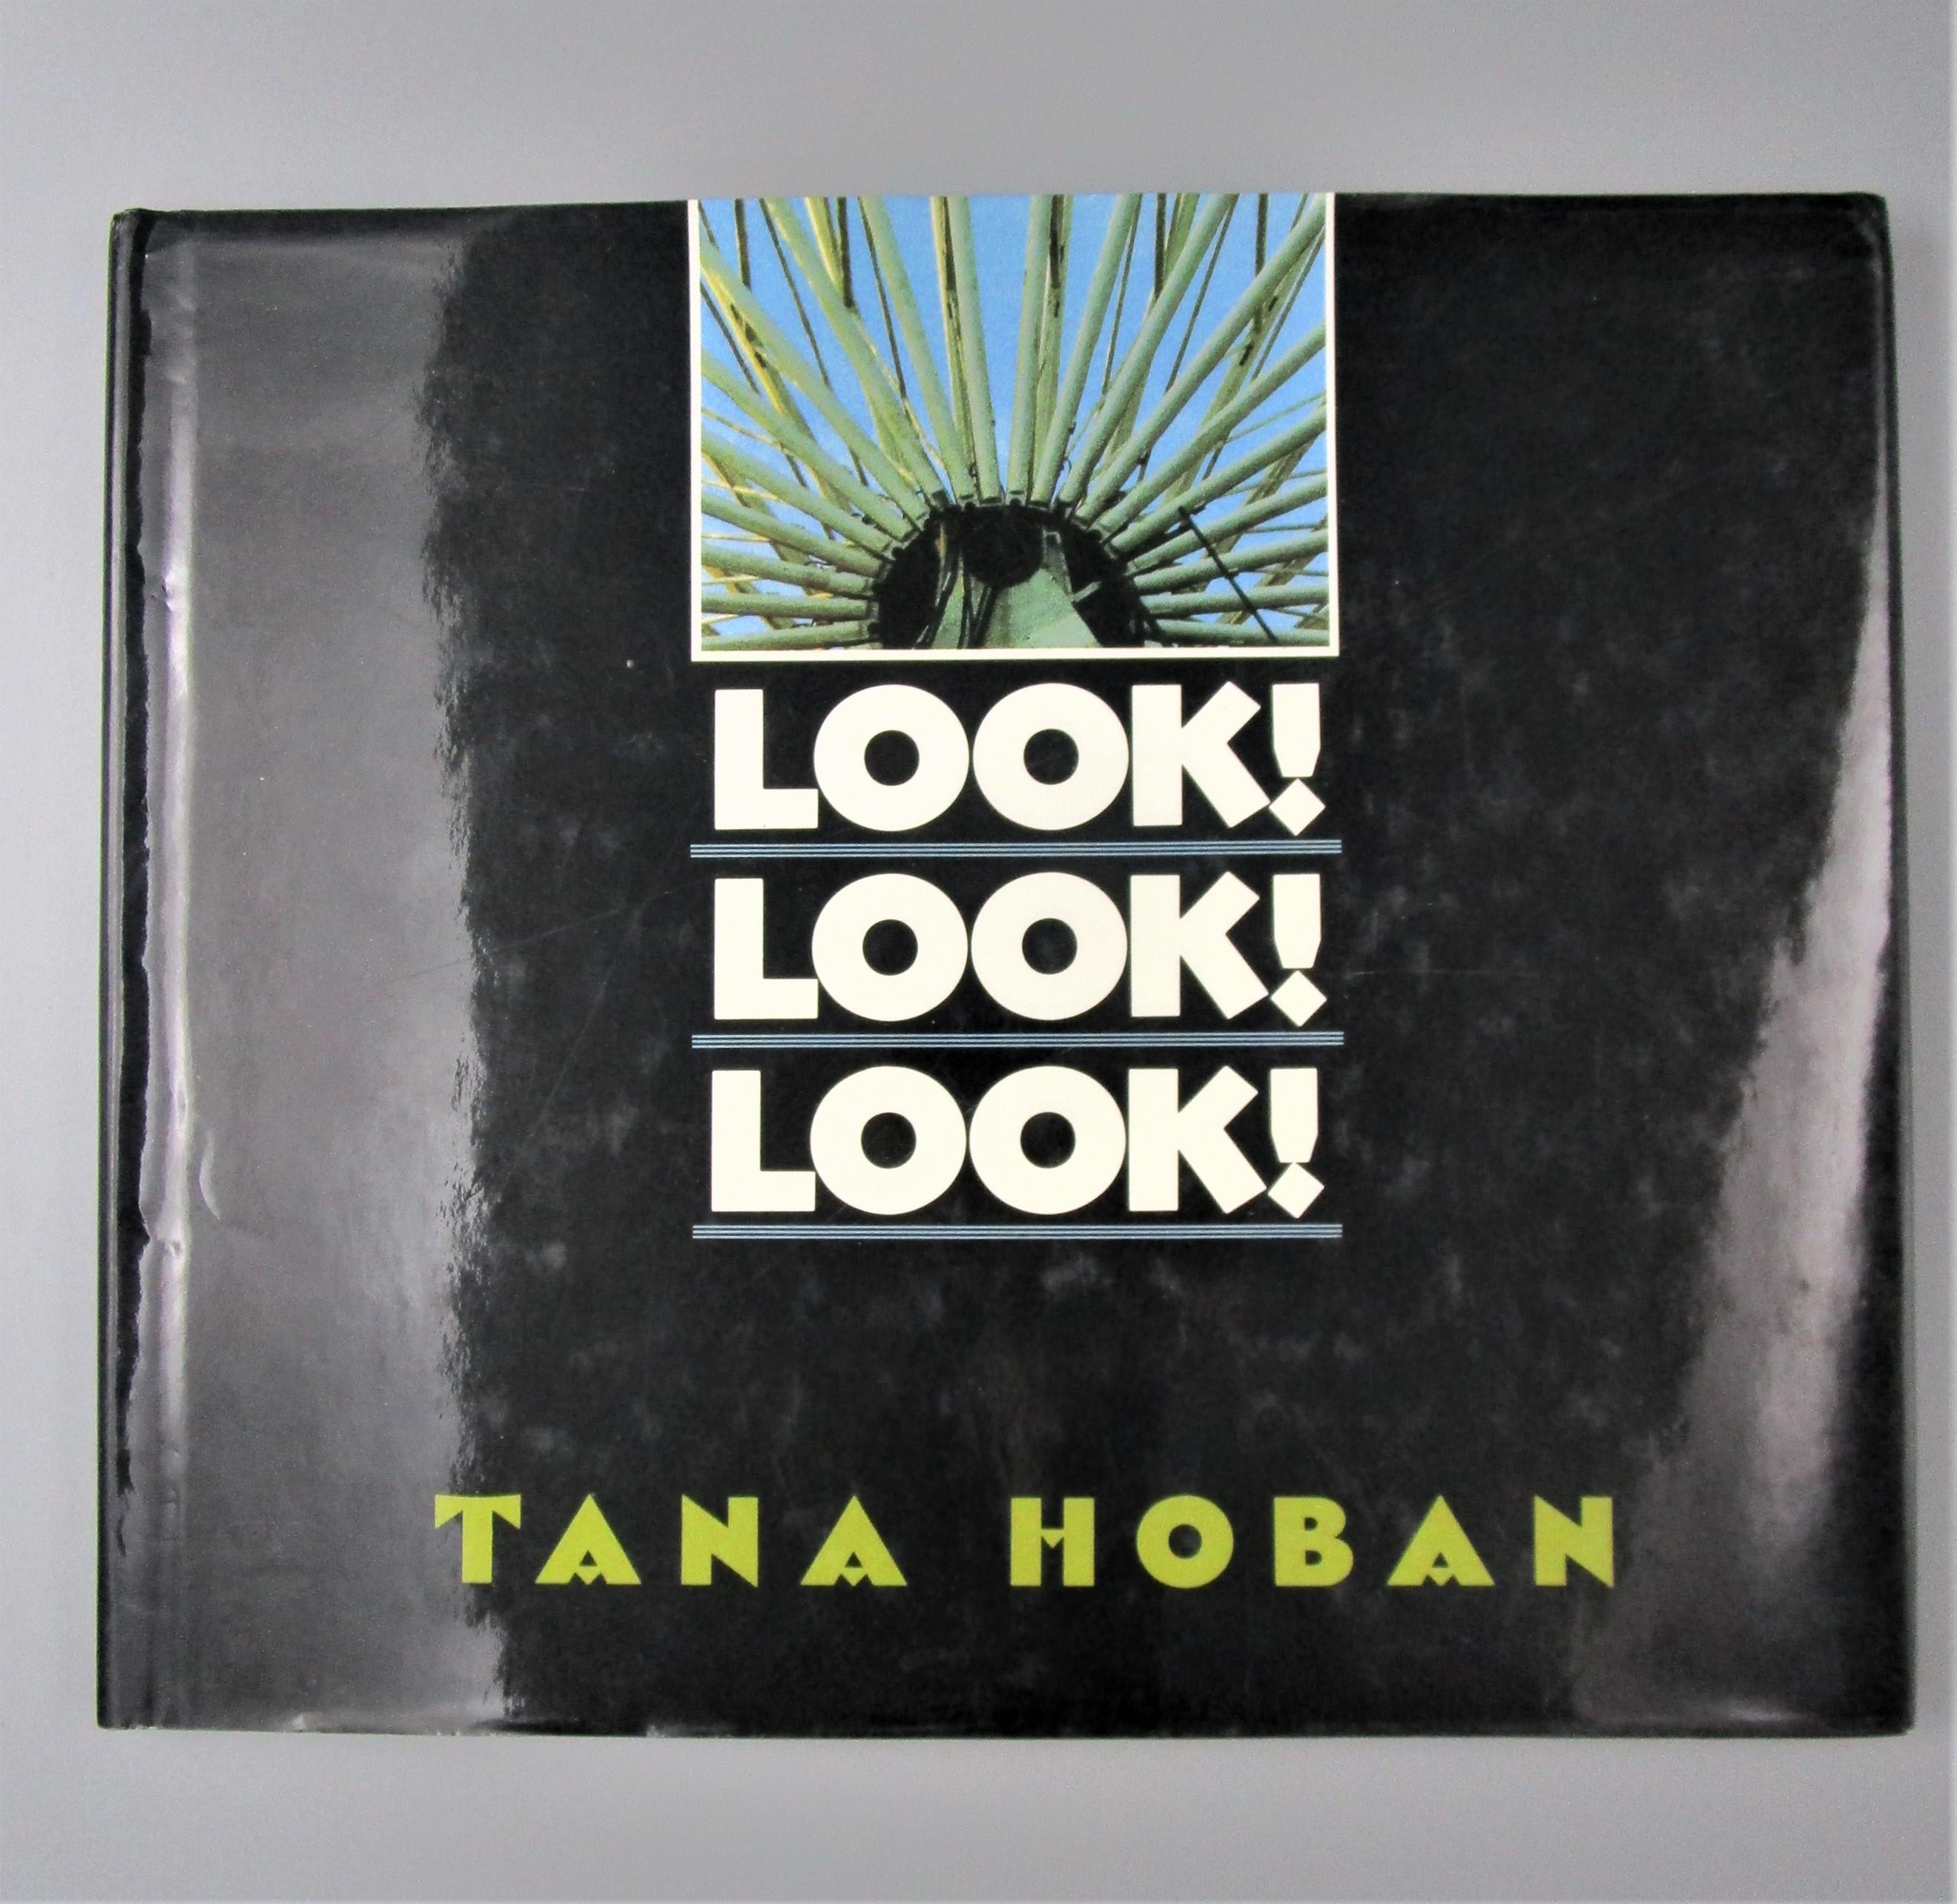 LOOK! LOOK! LOOK!, by Tana Hoban - 1988 [1st Ed]